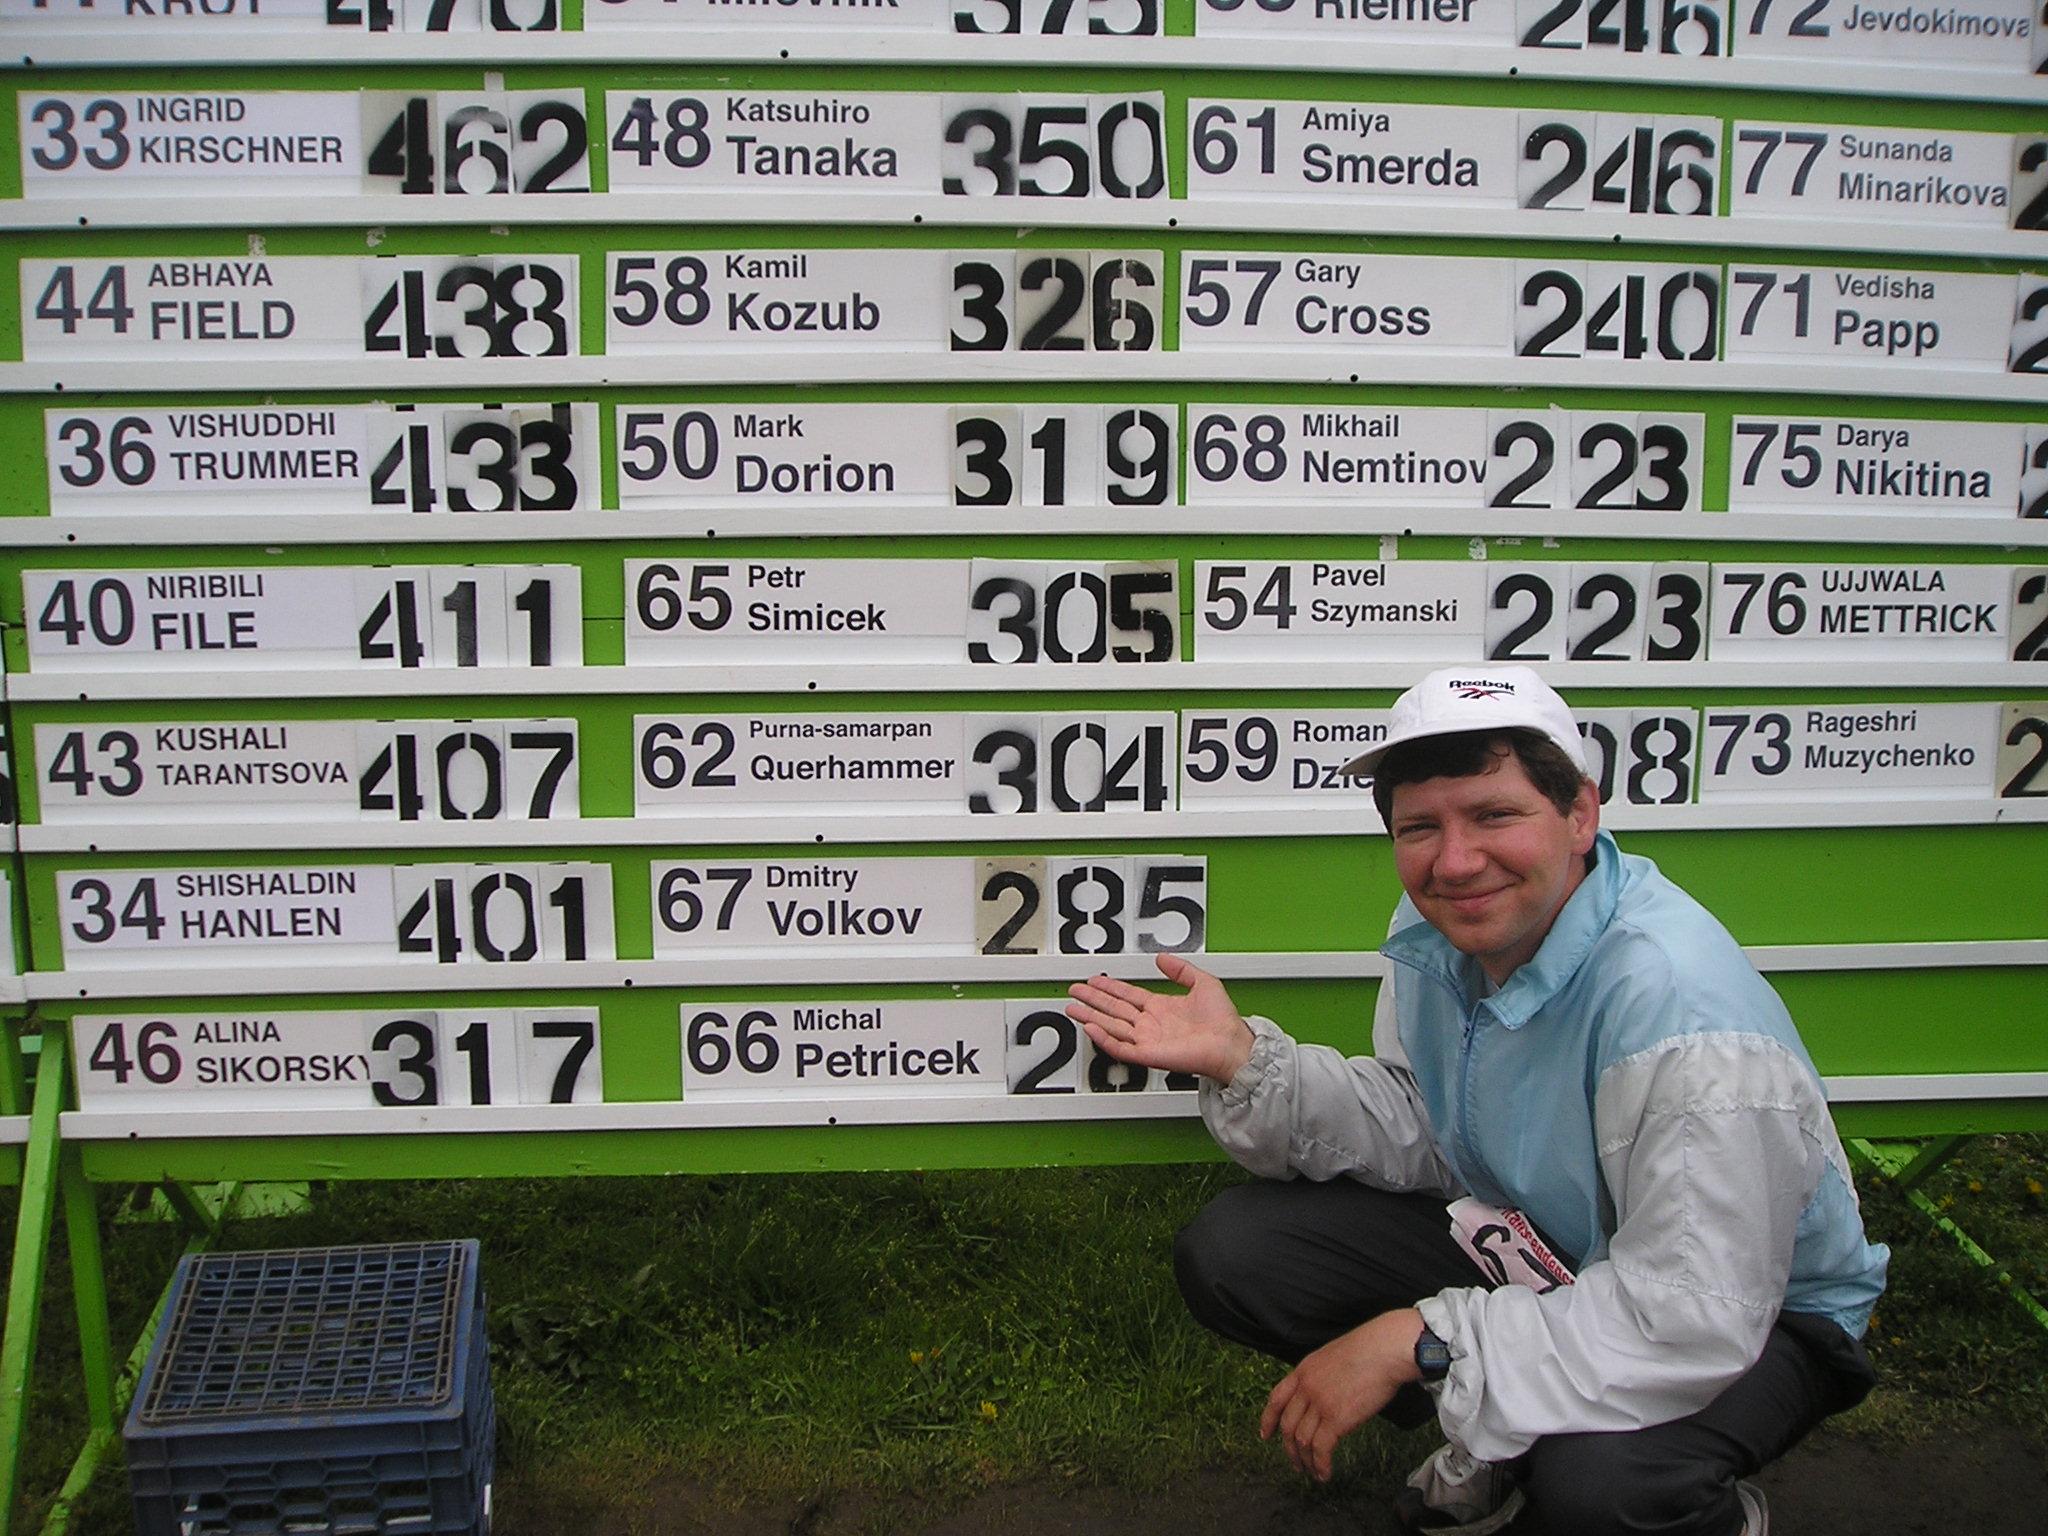 Мой результат за 6 суток 285 миль (456 км)